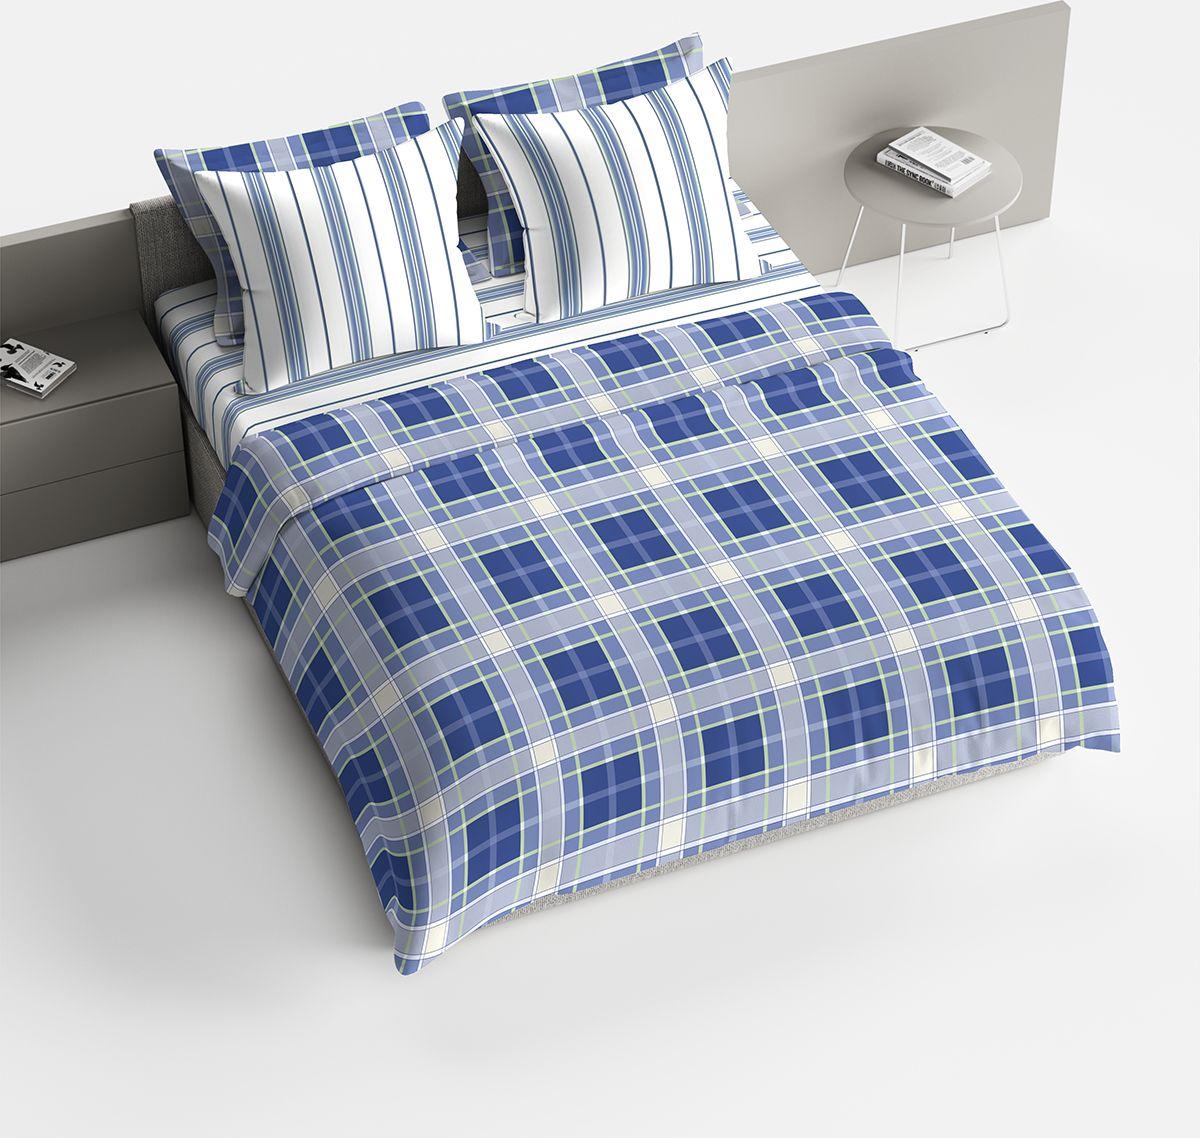 Комплект белья Браво Джузеппе, 2-спальное, наволочки 70x70, цвет: синий91936Комплекты постельного белья из ткани LUX COTTON (высококачественный поплин), сотканной из длинноволокнистого египетского хлопка, созданы специально для людей с оригинальным вкусом, предпочитающим современные решения в интерьере. Обновленная стильная упаковка делает этот комплект отличным подарком. • Равноплотная ткань из 100% хлопка; • Обработана по технологии мерсеризации и санфоризации; • Мягкая и нежная на ощупь; • Устойчива к трению; • Обладает высокими показателями гигроскопичности (впитывает влагу); • Выдерживает частые стирки, сохраняя первоначальные цвет, форму и размеры; • Безопасные красители ведущего немецкого производителя BEZEMA